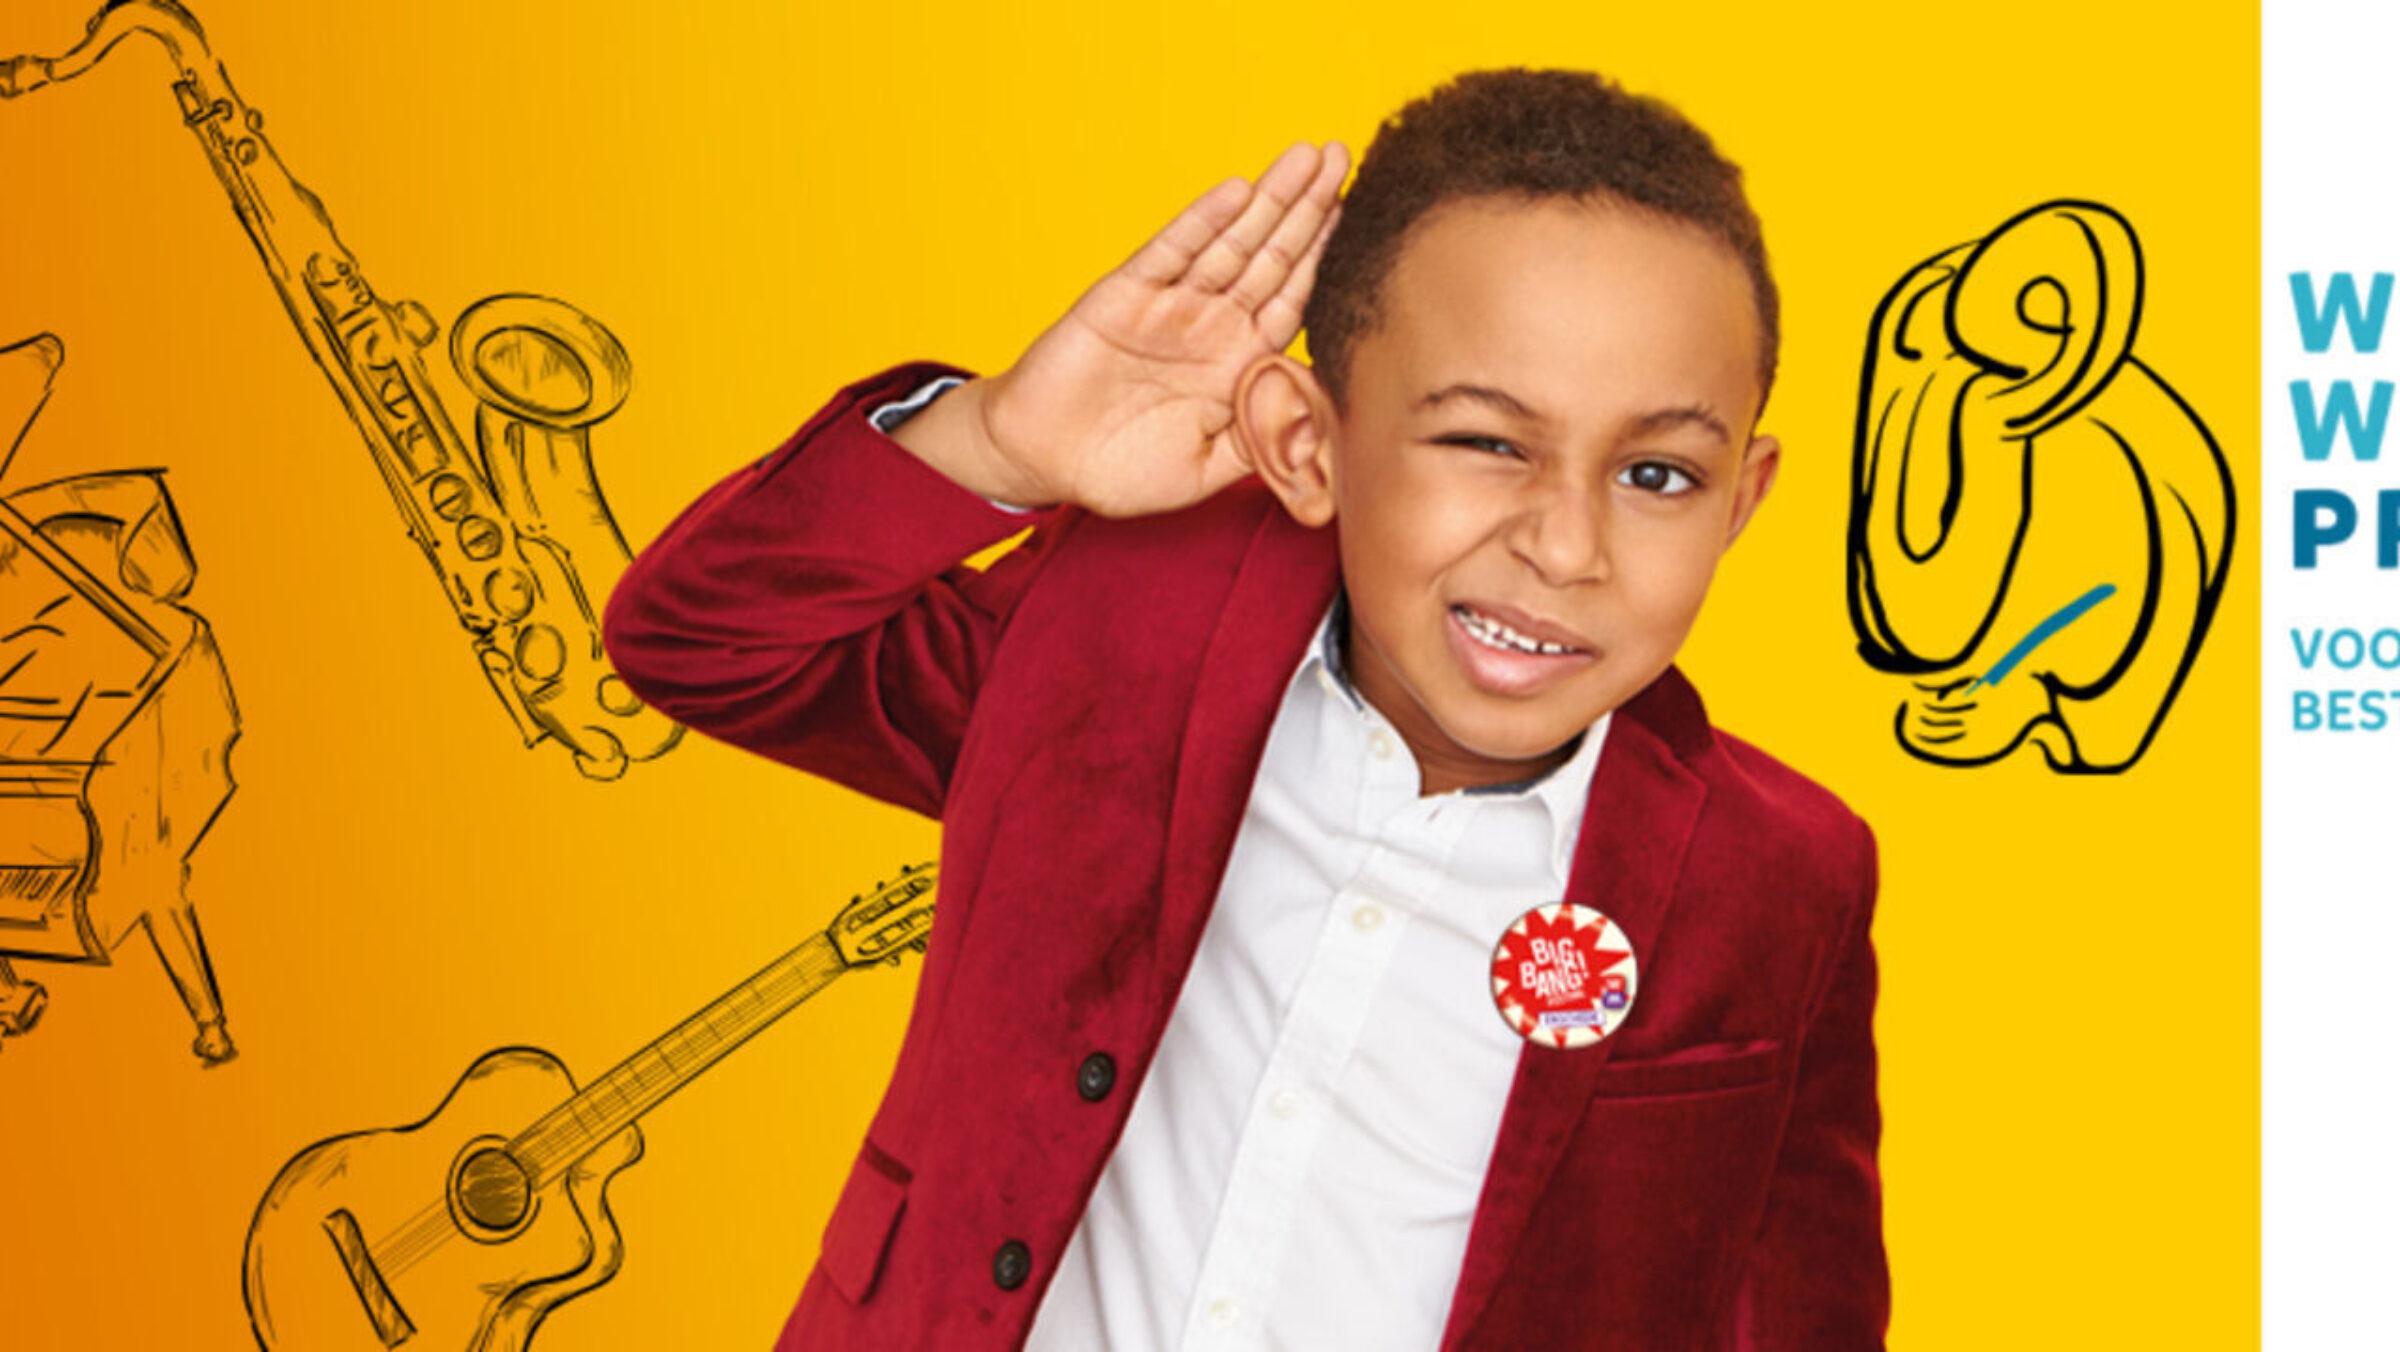 KidsTV Special